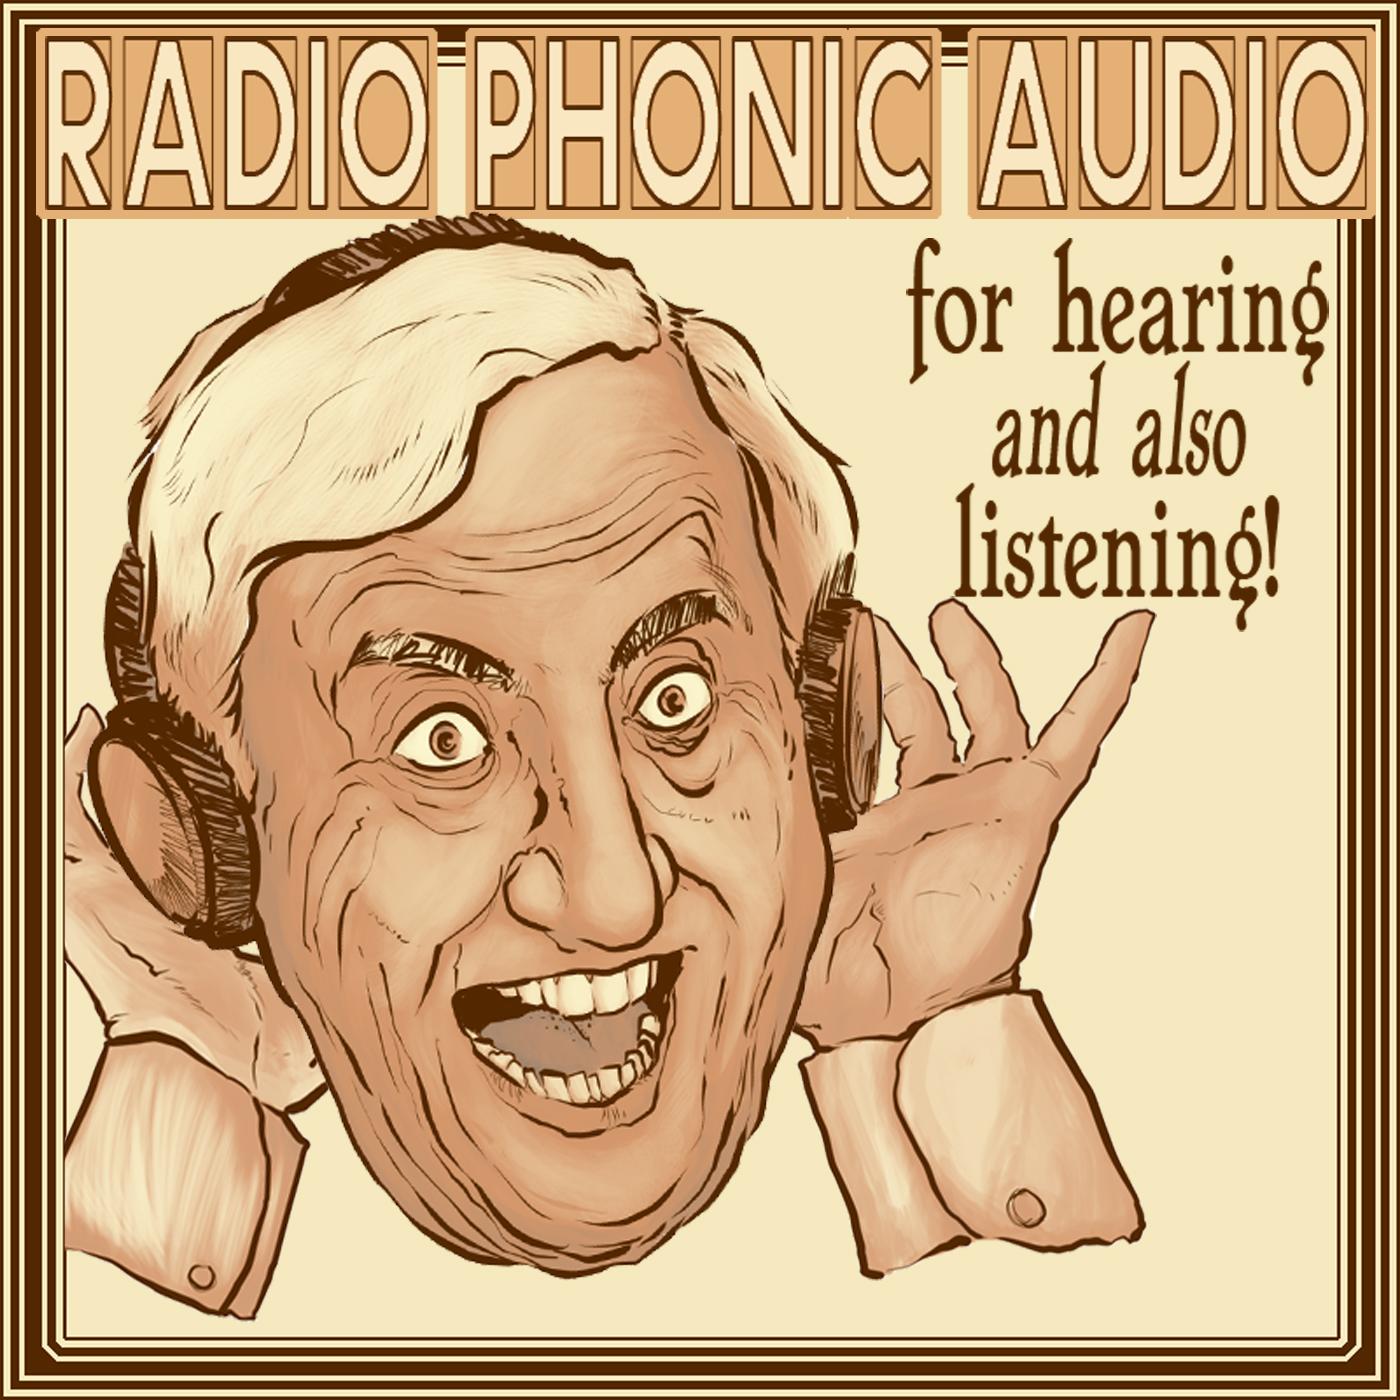 Radio Phonic Audio